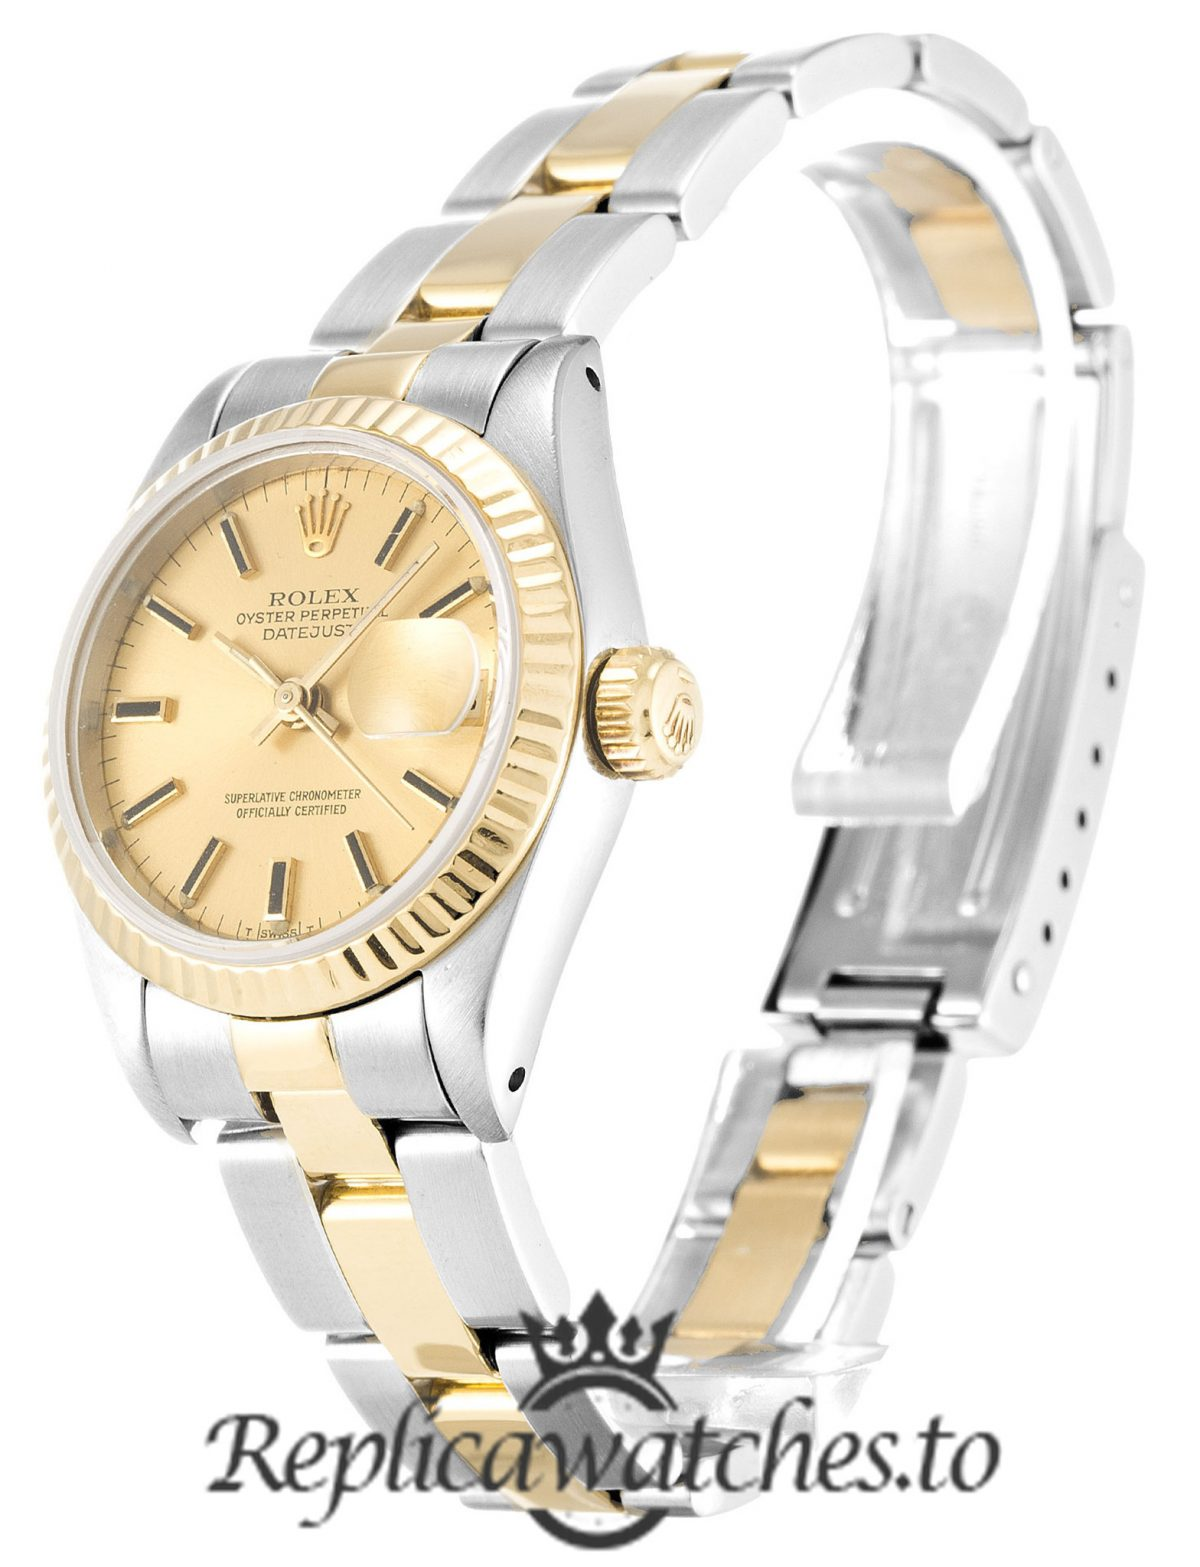 Rolex Datejust Replica 69173 006 Yellow Gold Bezel 26MM